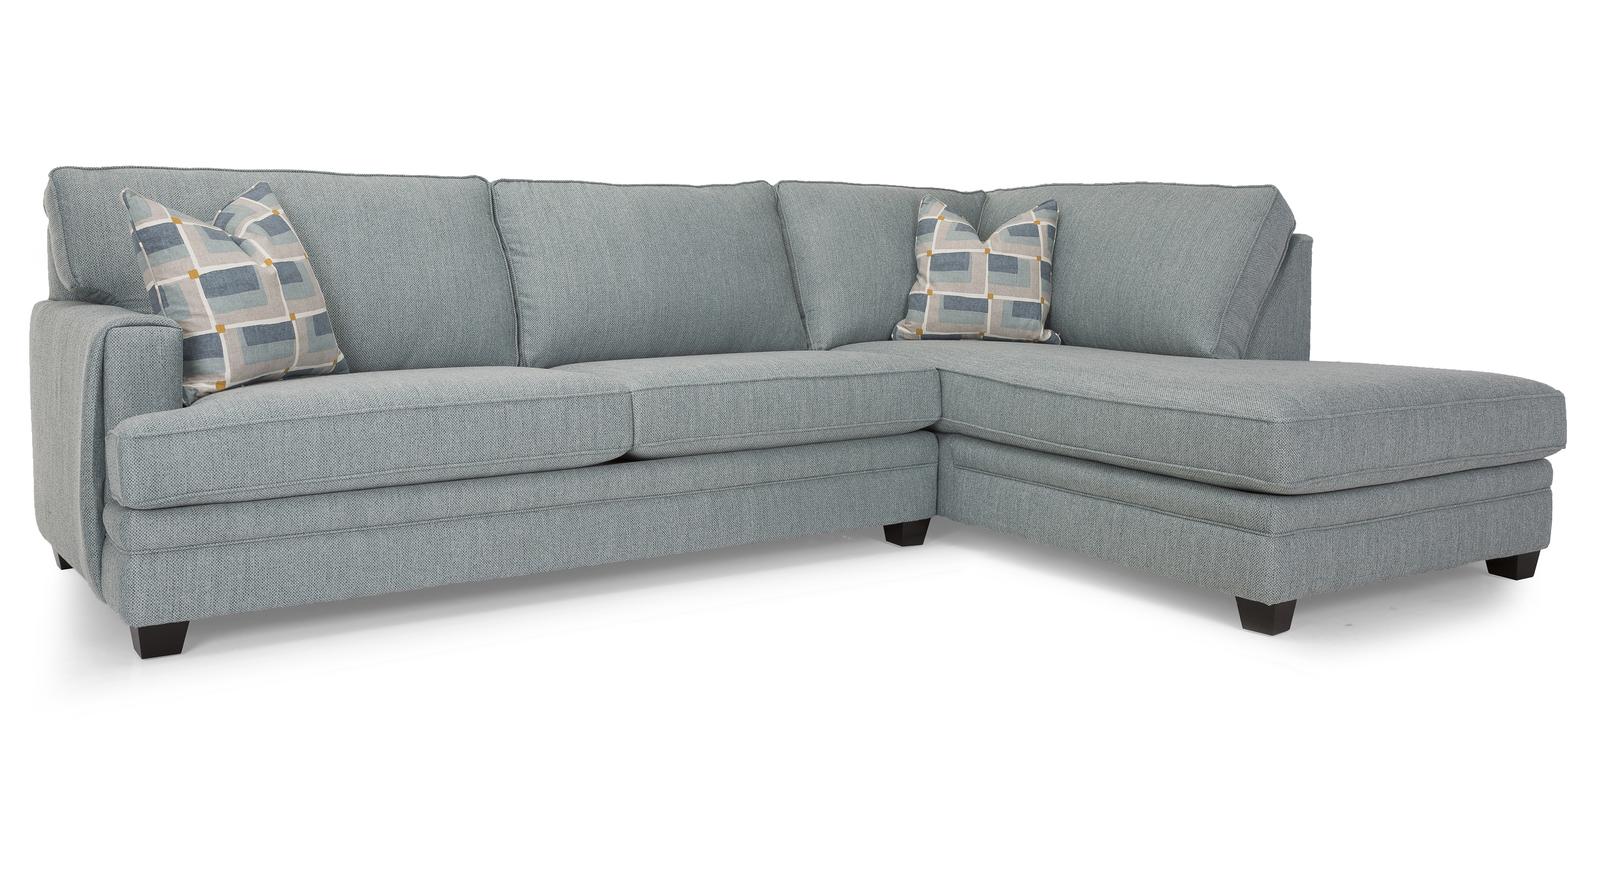 2697 Queen Sofa Bed Sleeper Sectional